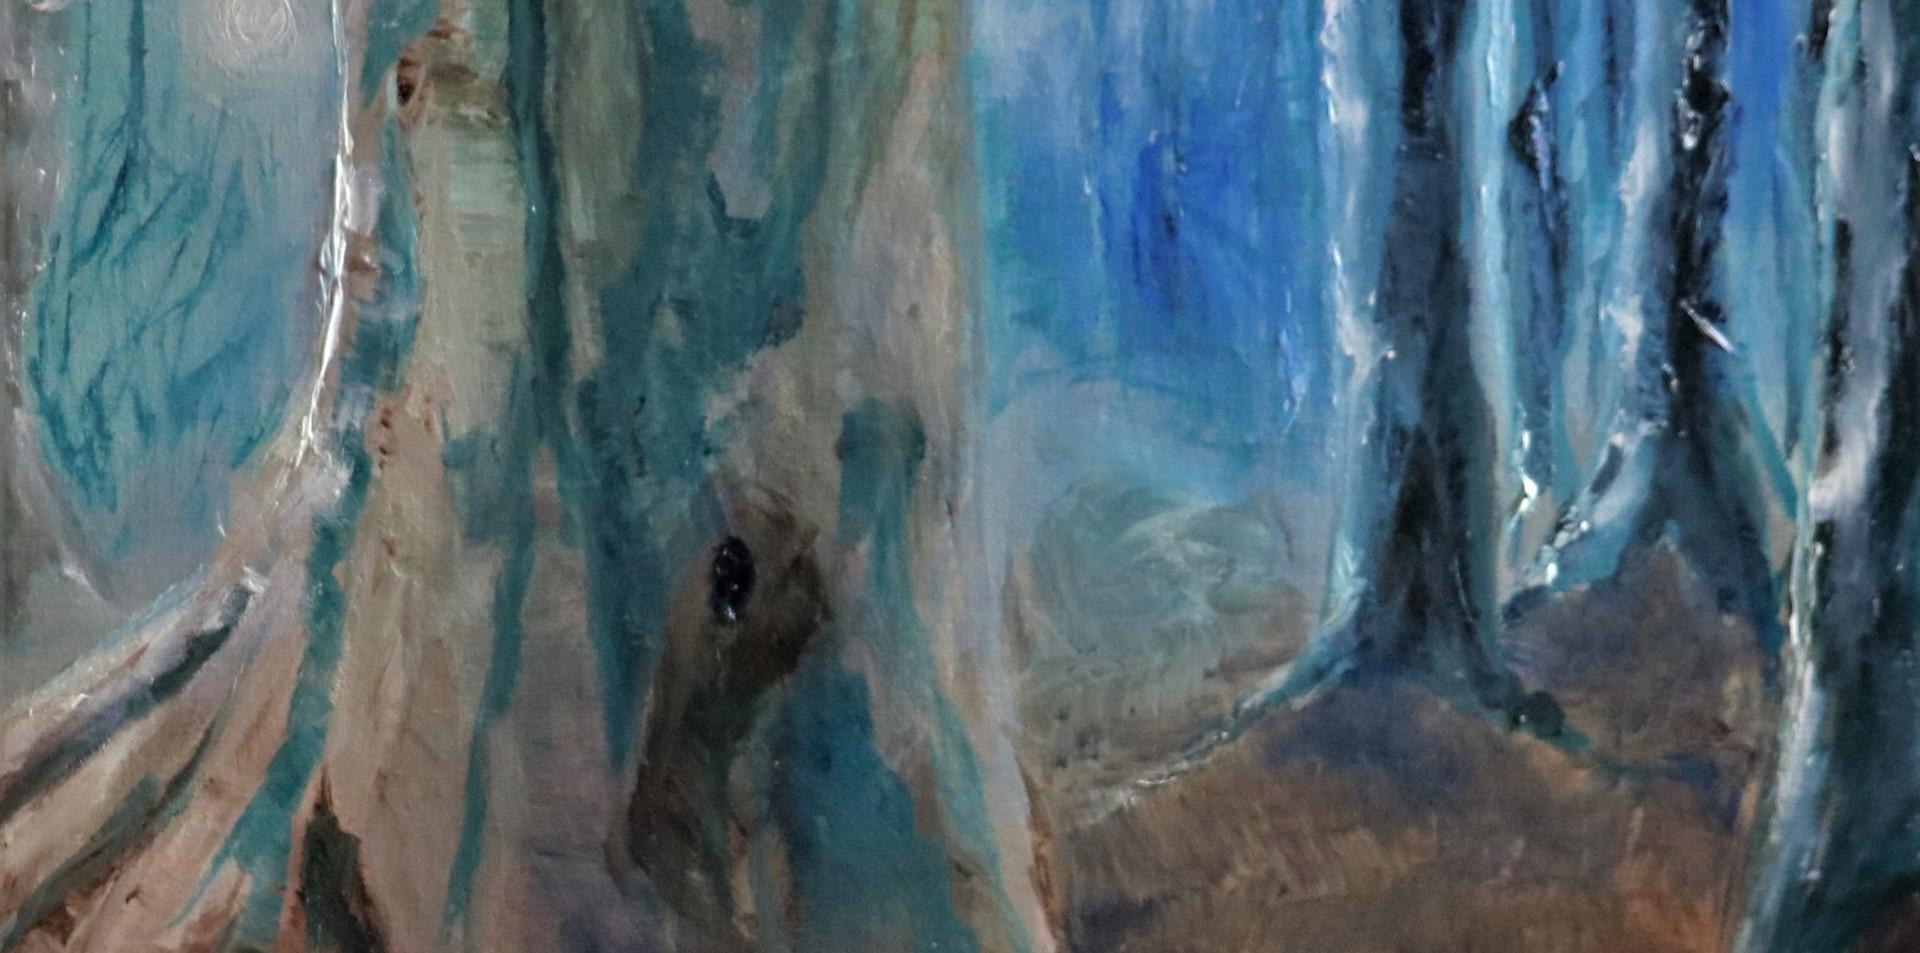 2015 - olie op doek 40 x 40 cm - De blauwe maan